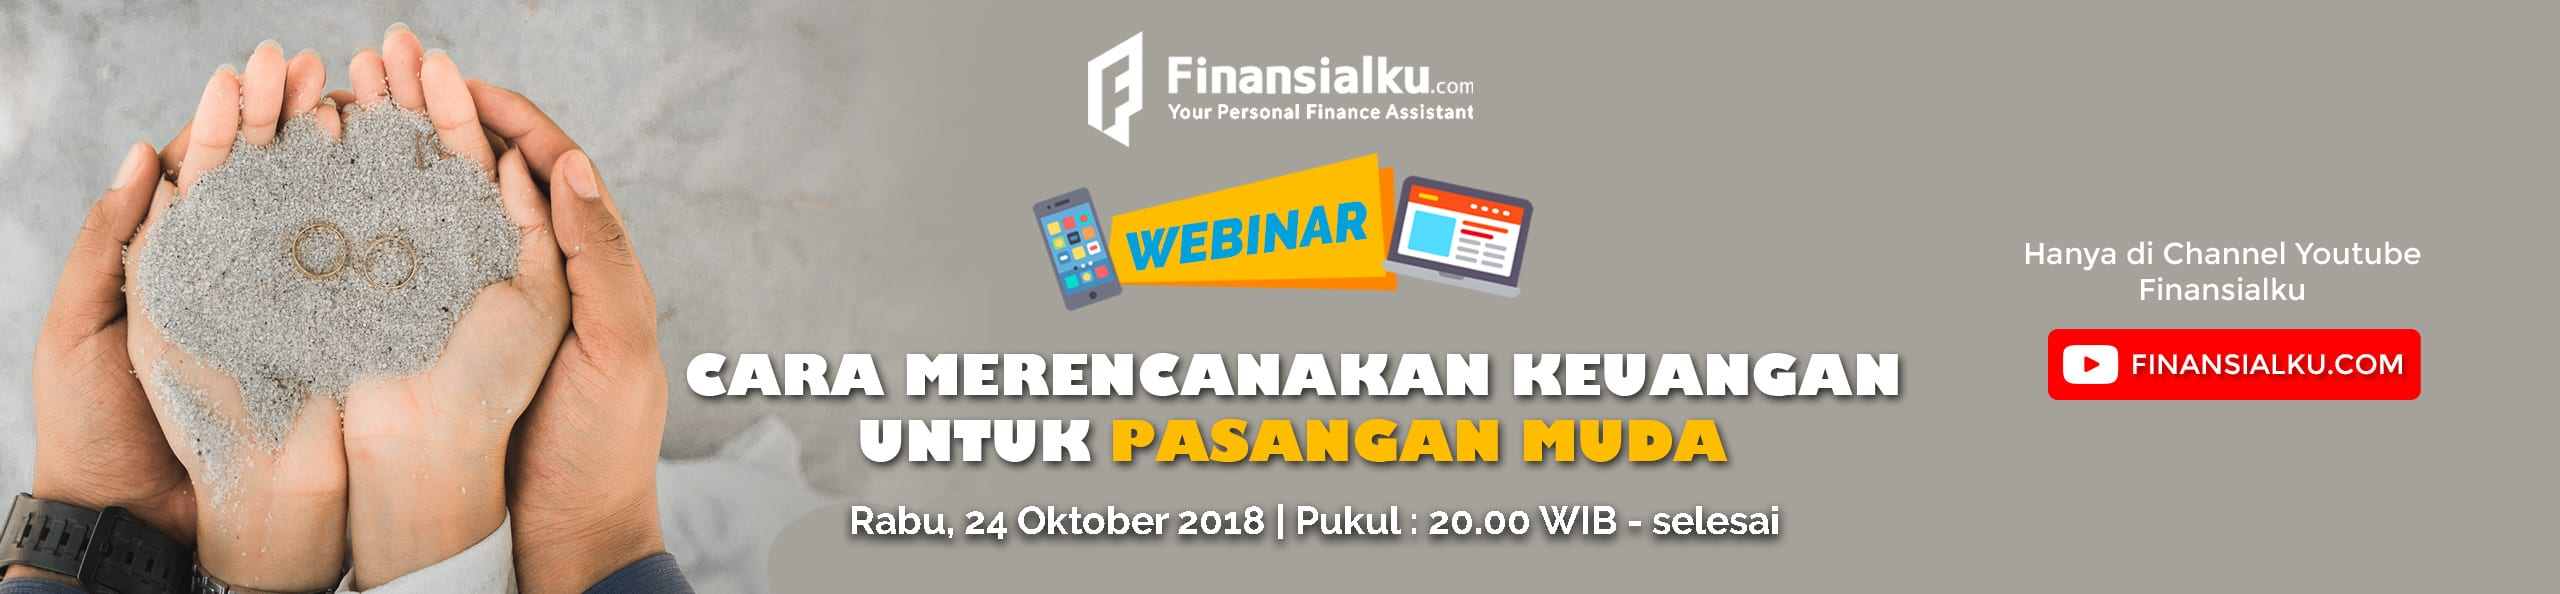 Webinar Cara Merencanakan Keuangan Untuk Pasangan Muda 3